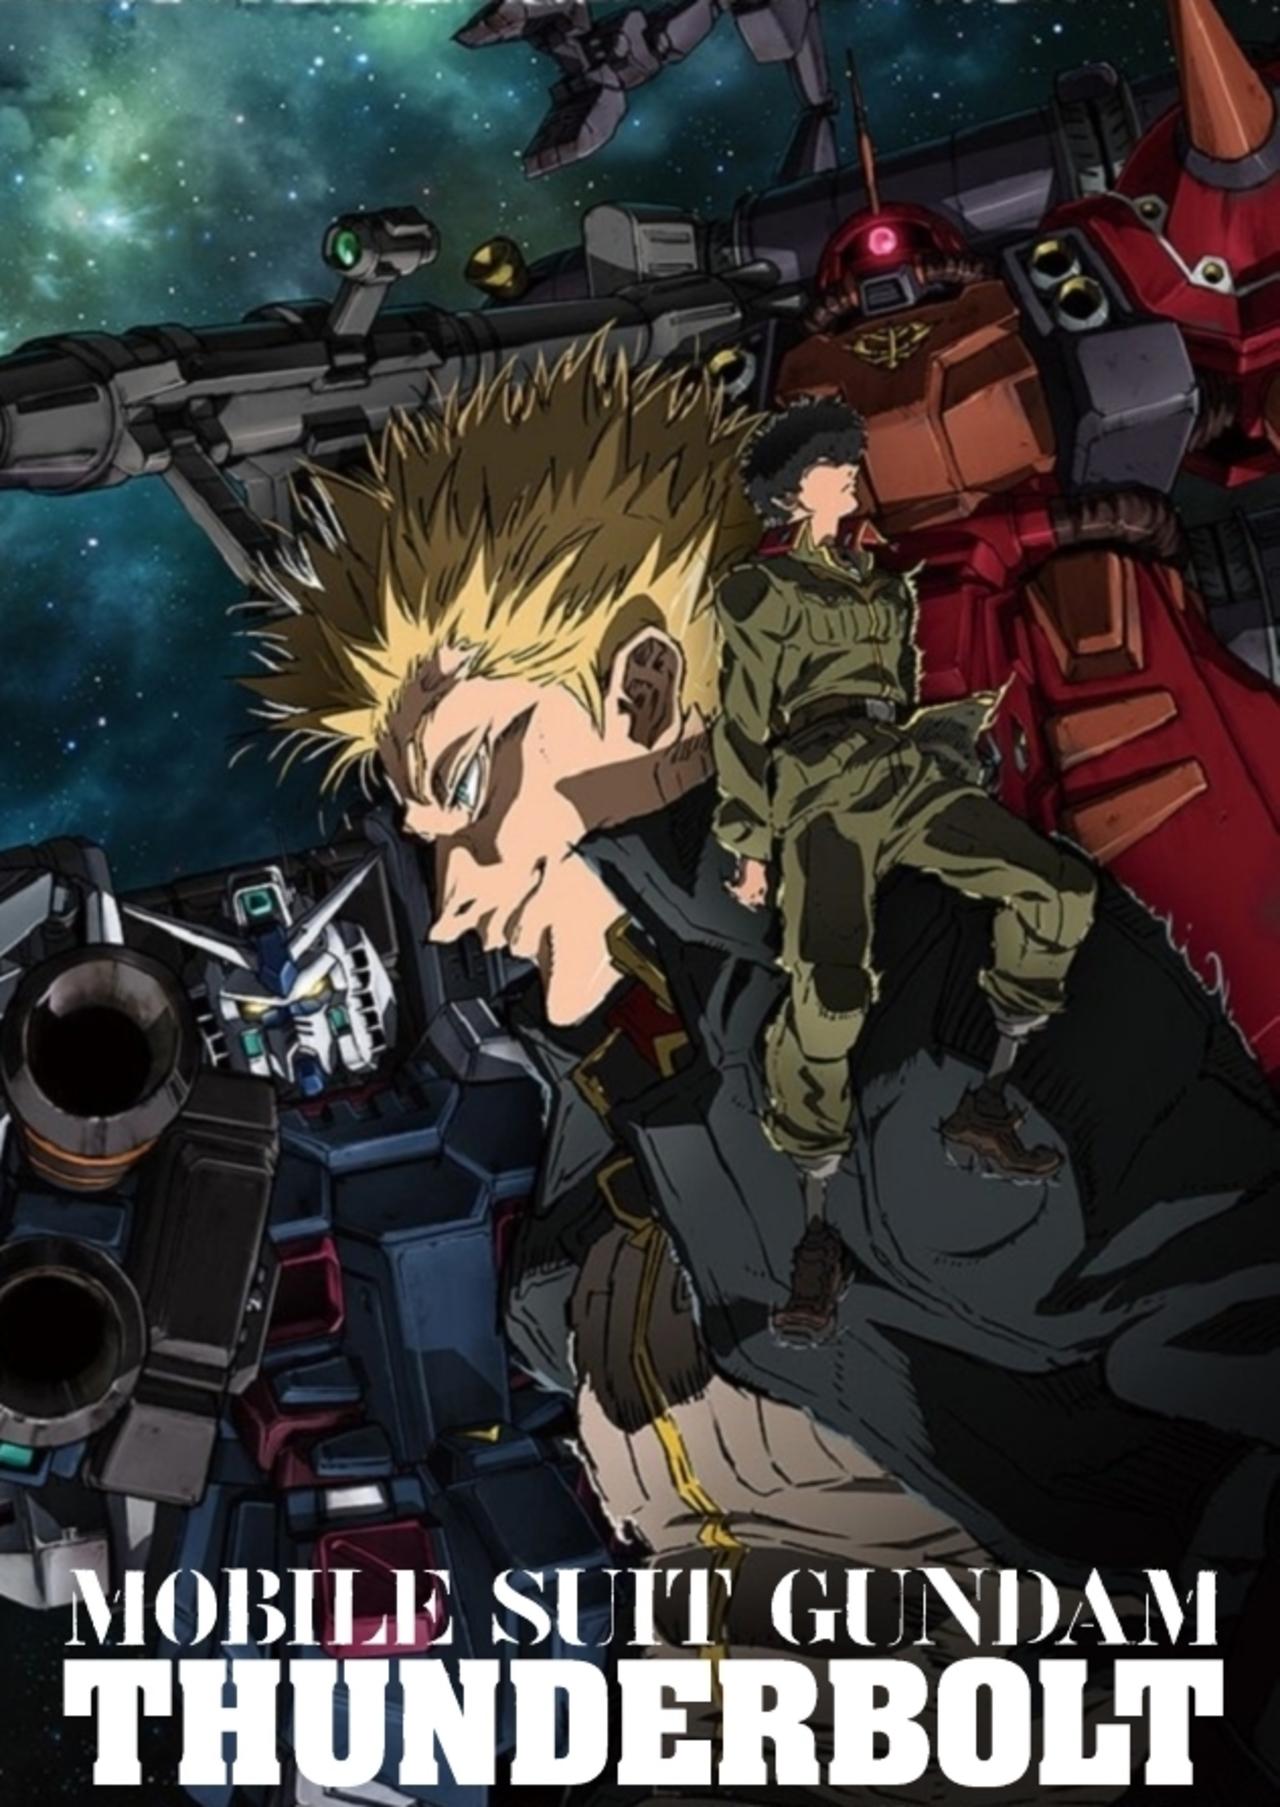 Mobile Suit Gundam Thunderbolt kapak